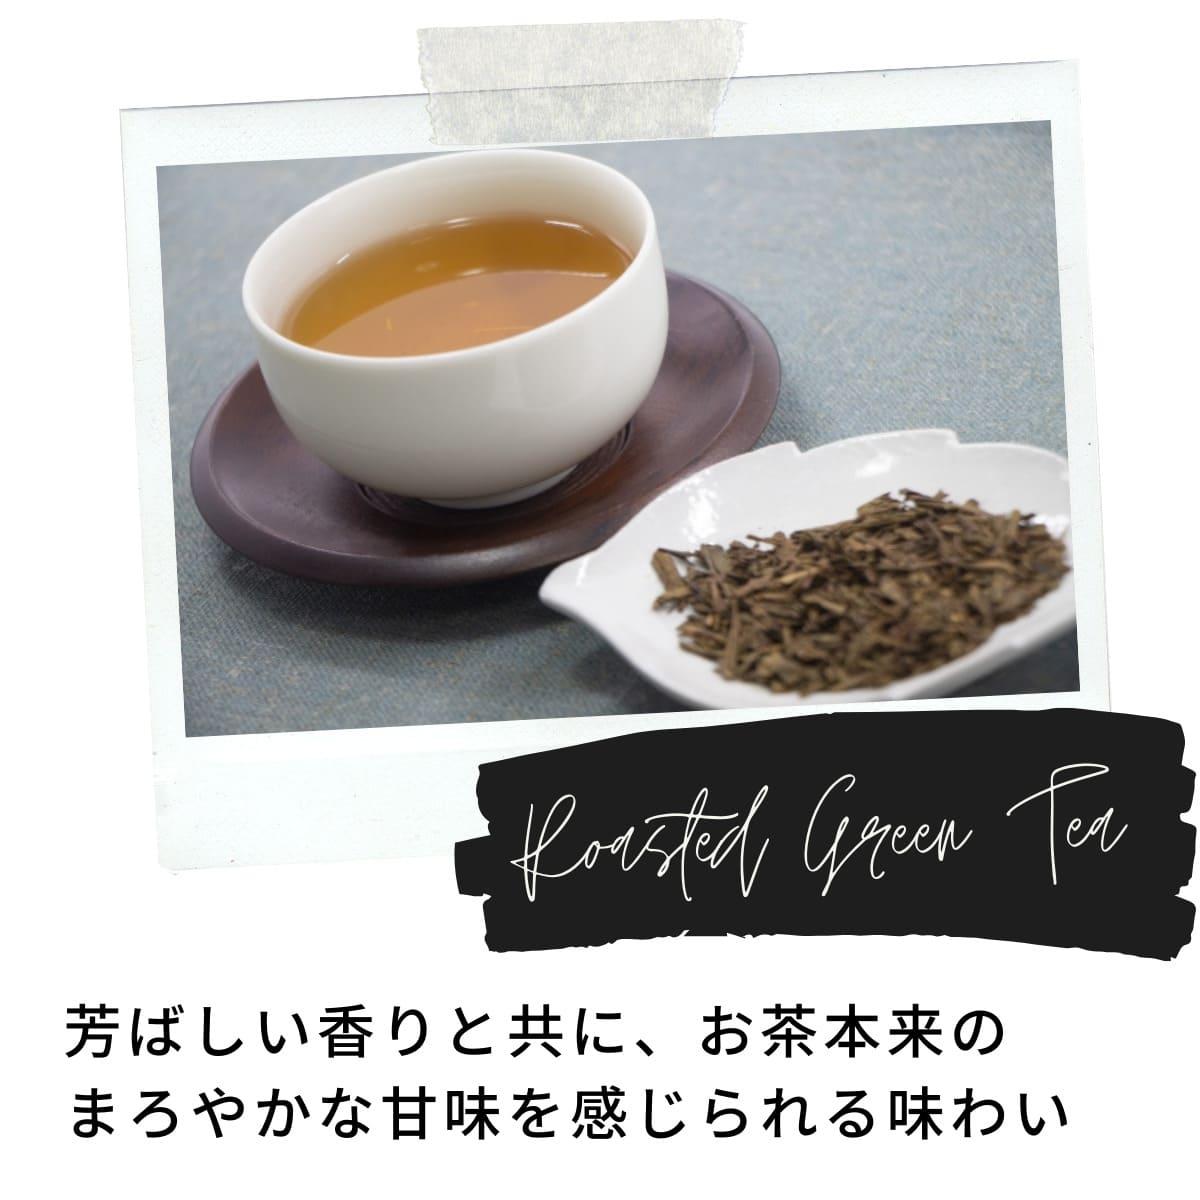 UCC  DRIP POD 静岡まろみ焙じ茶【12P×12箱(144P入り)】